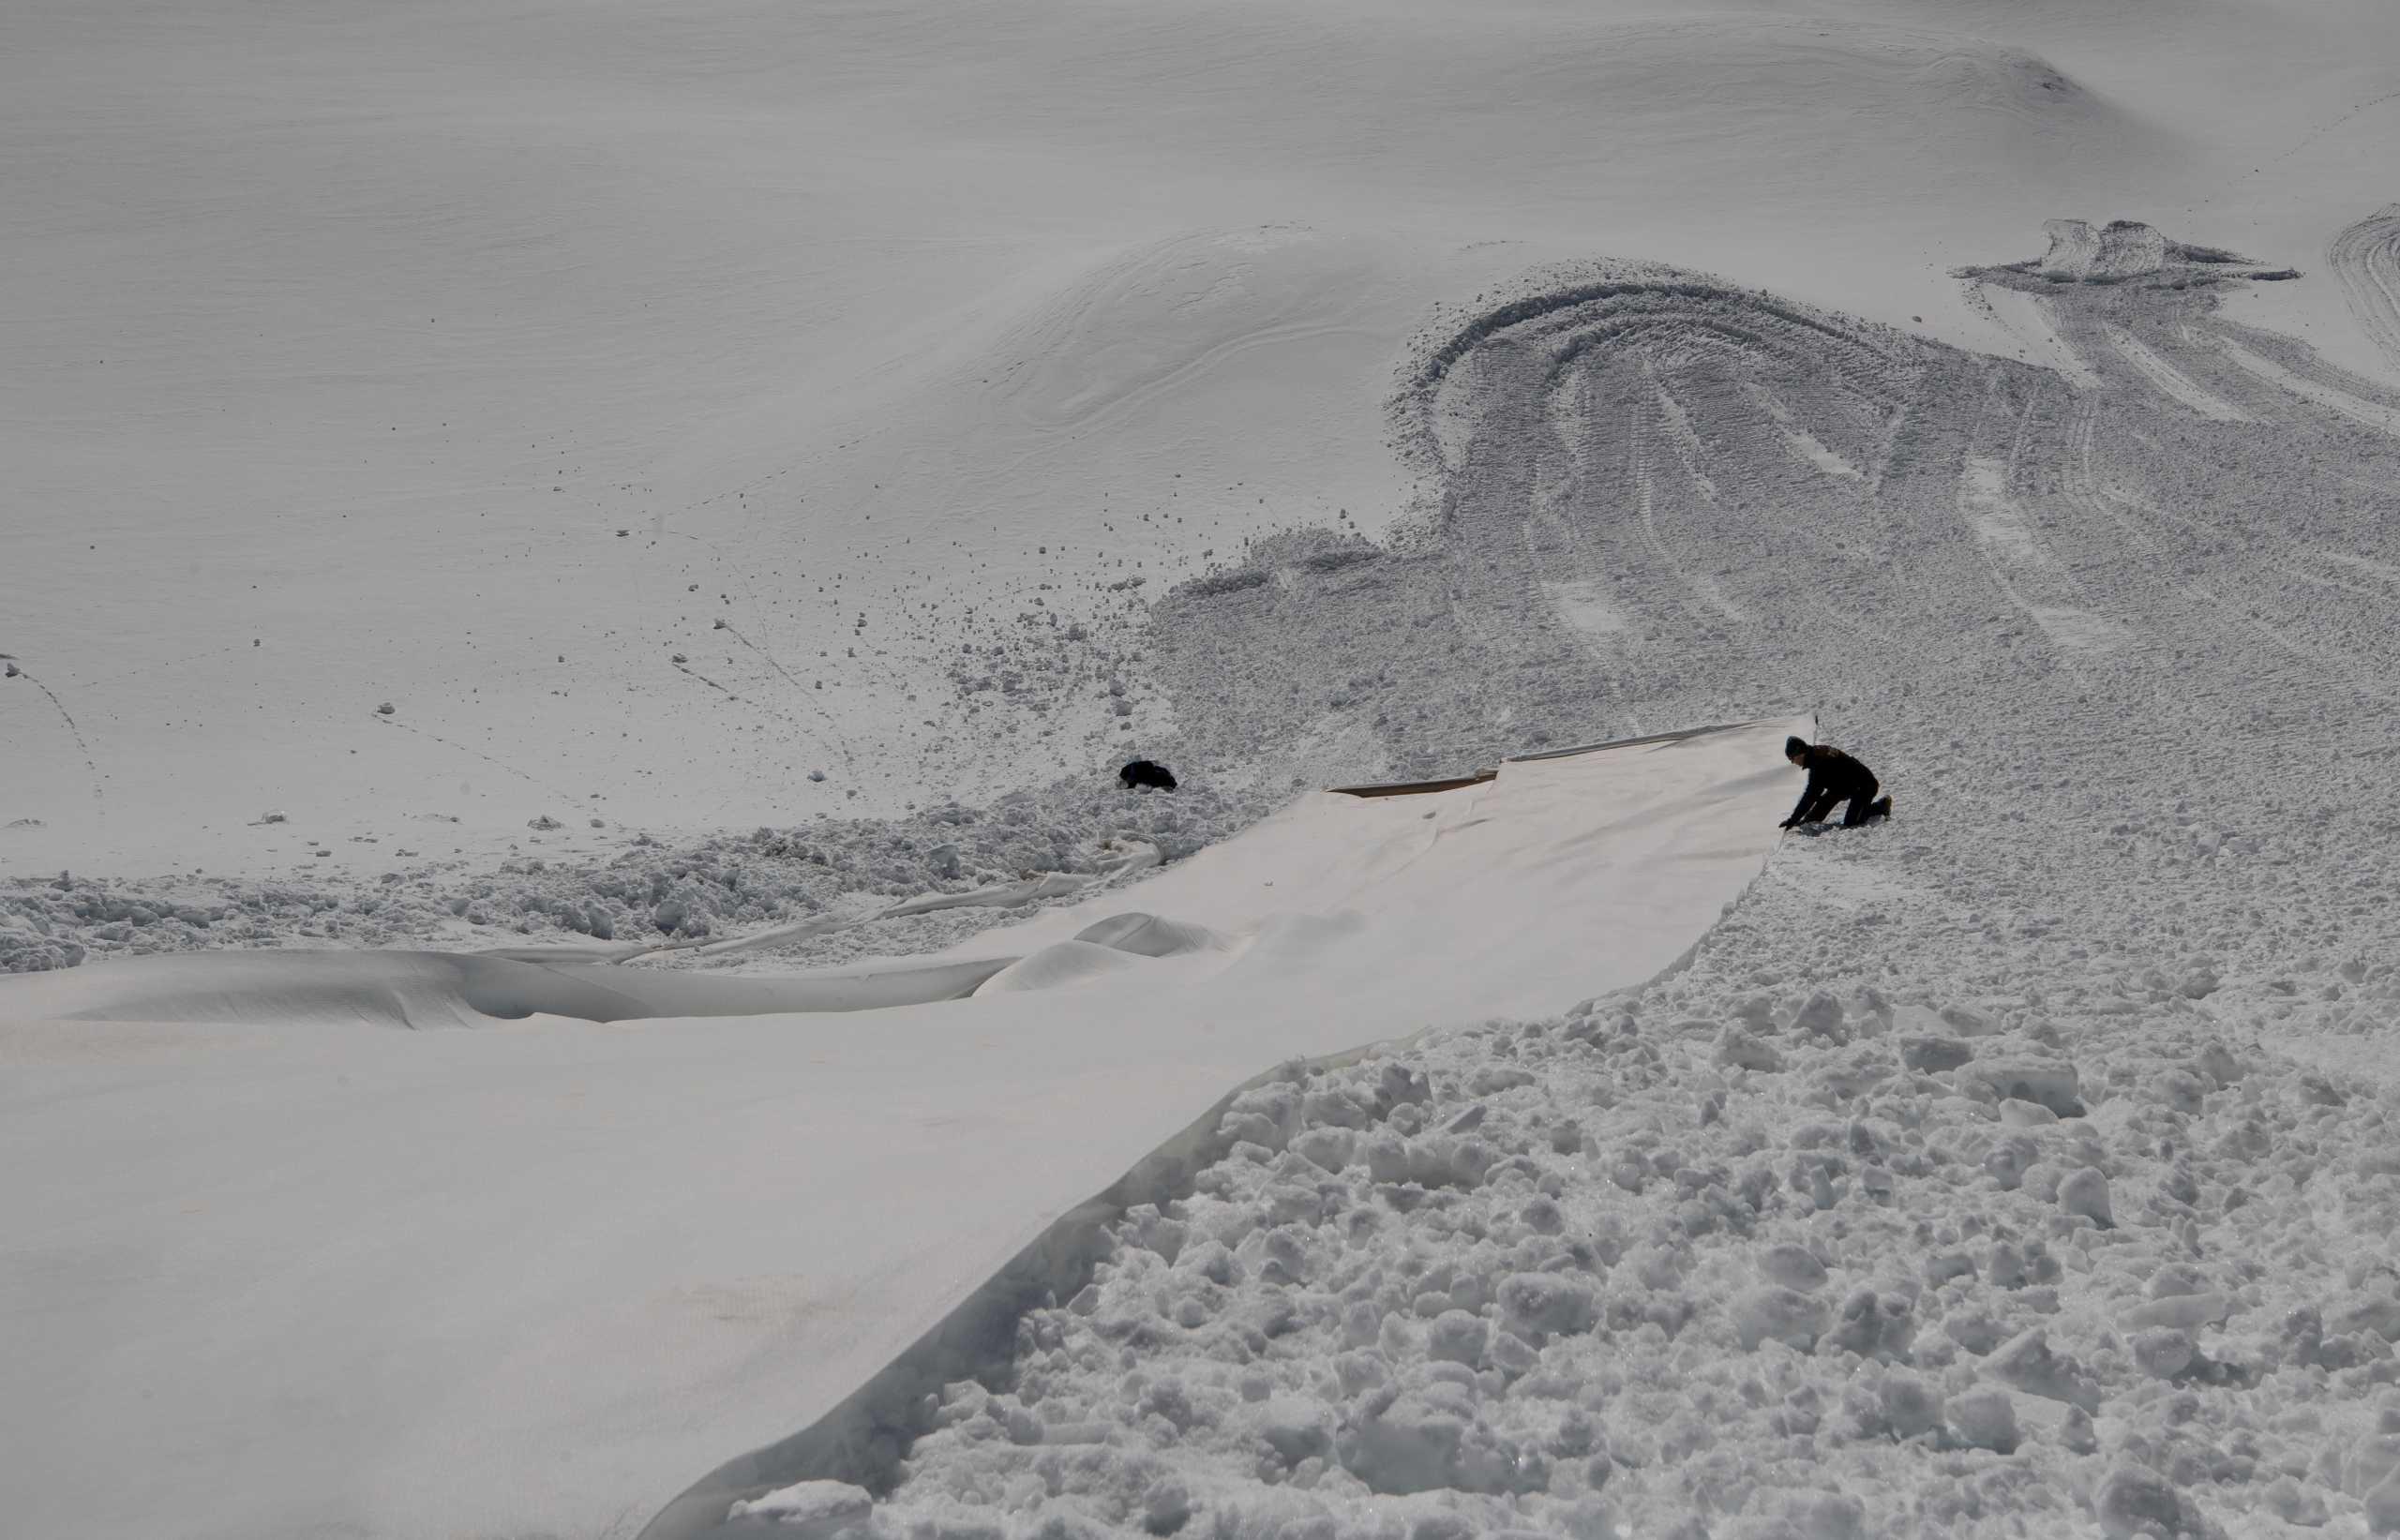 Αυστρία: Τρίτο lockdown αλλά… ανοίγουν τα χιονοδρομικά κέντρα